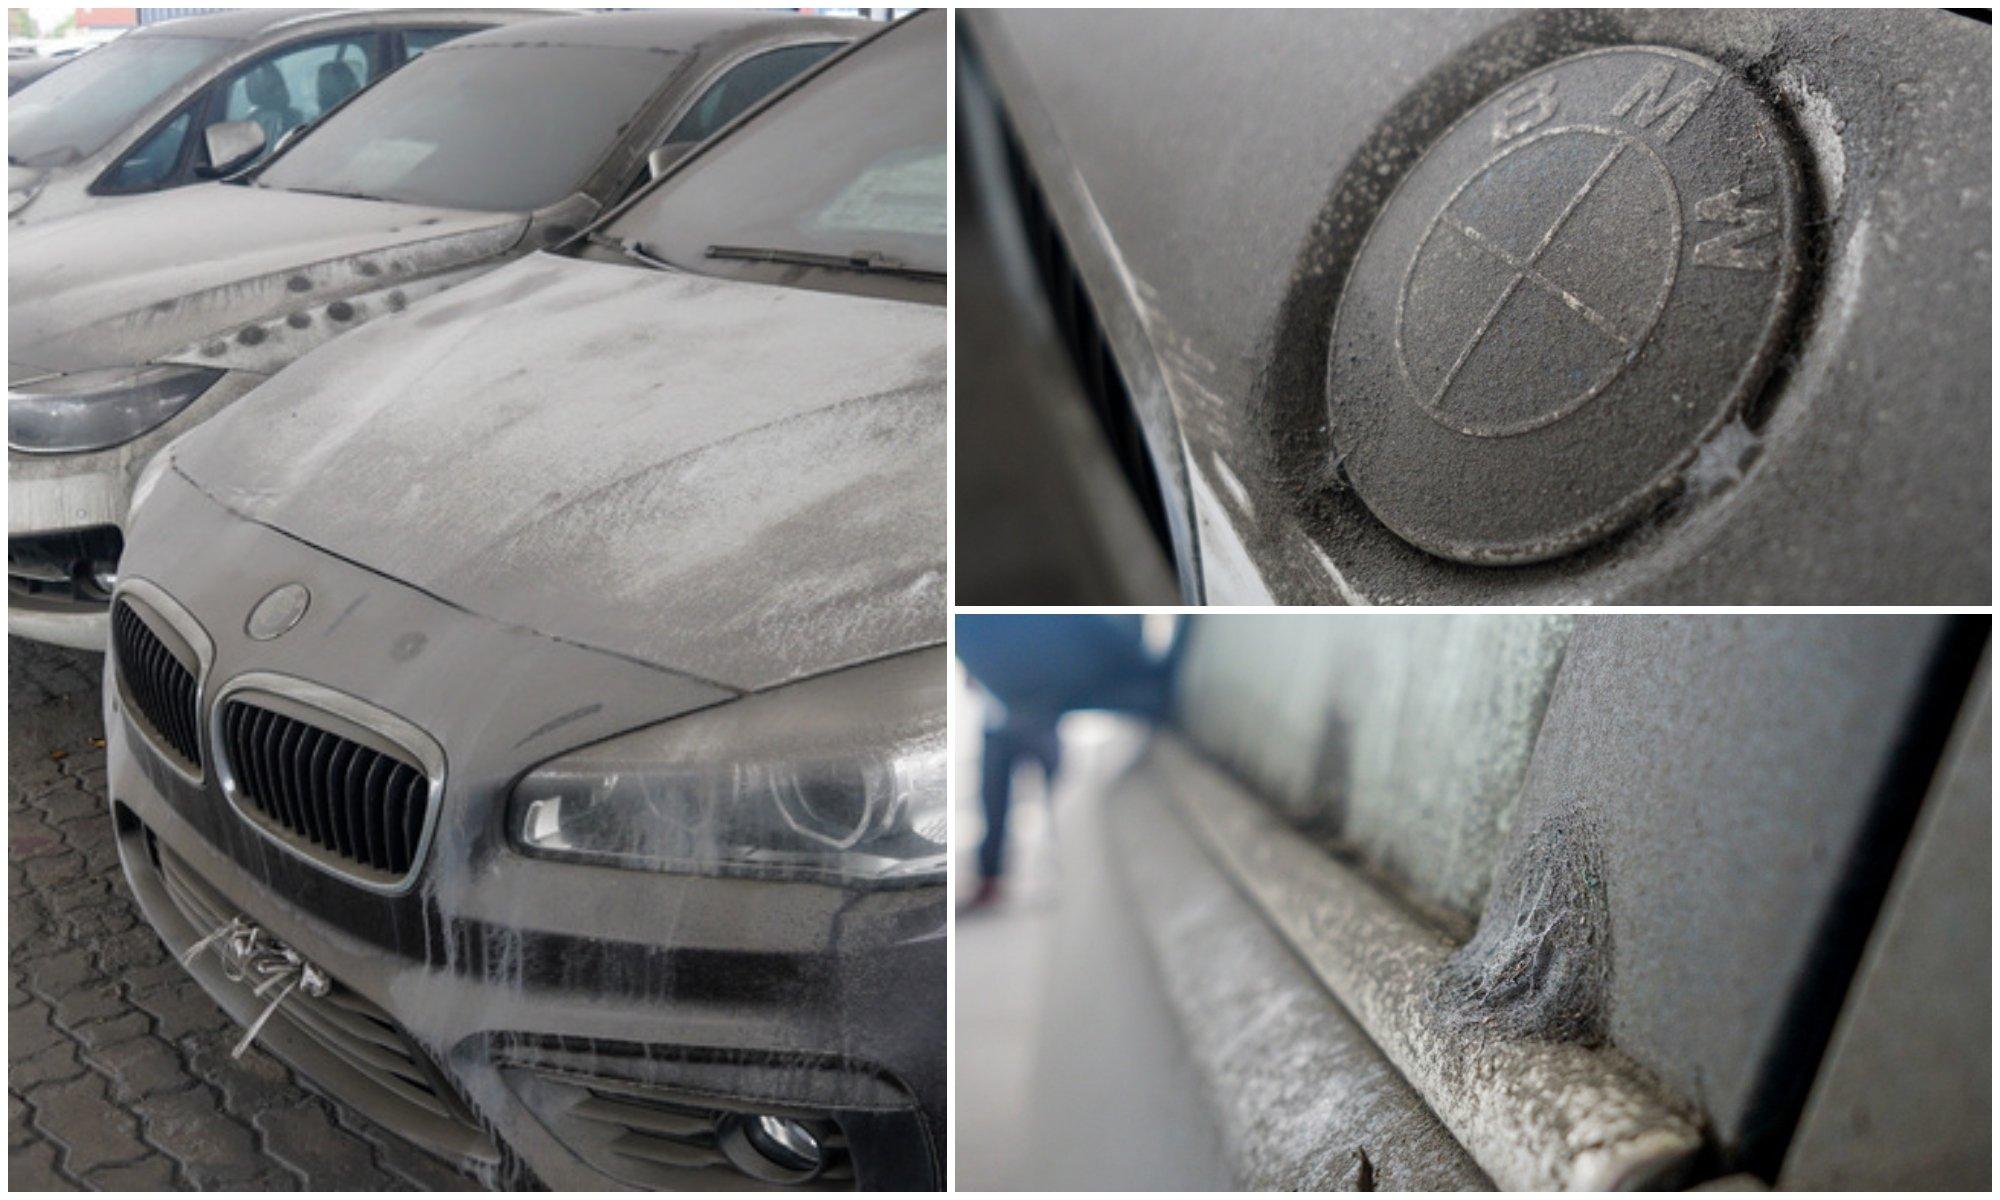 Sau 2 năm phơi nắng ngoài cảng, dàn xe BMW hơn 3 triệu USD trong vụ buôn lậu bị xuống cấp 2